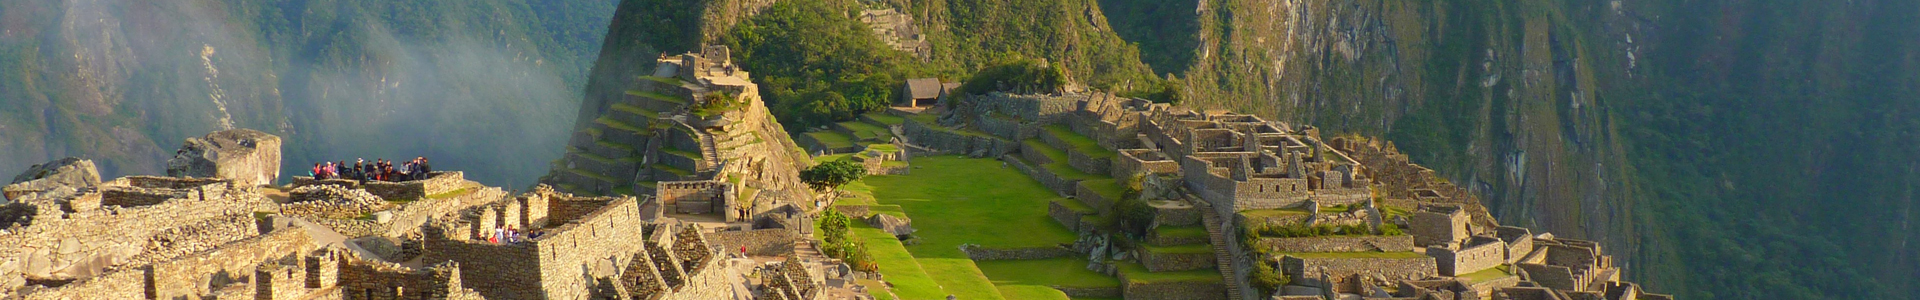 Syd- och centralamerika